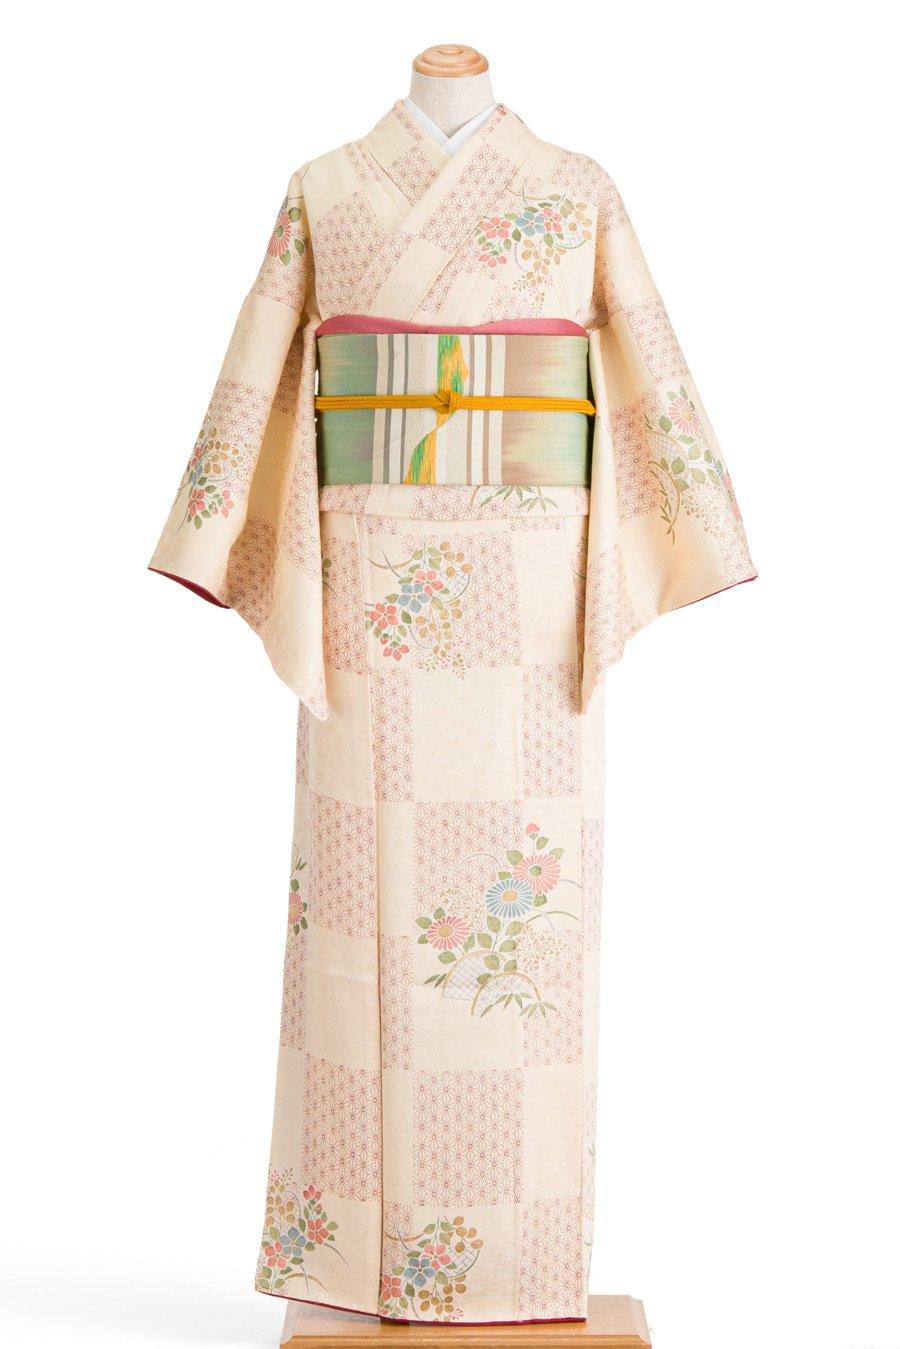 「麻の葉市松に菊 桔梗」の商品画像